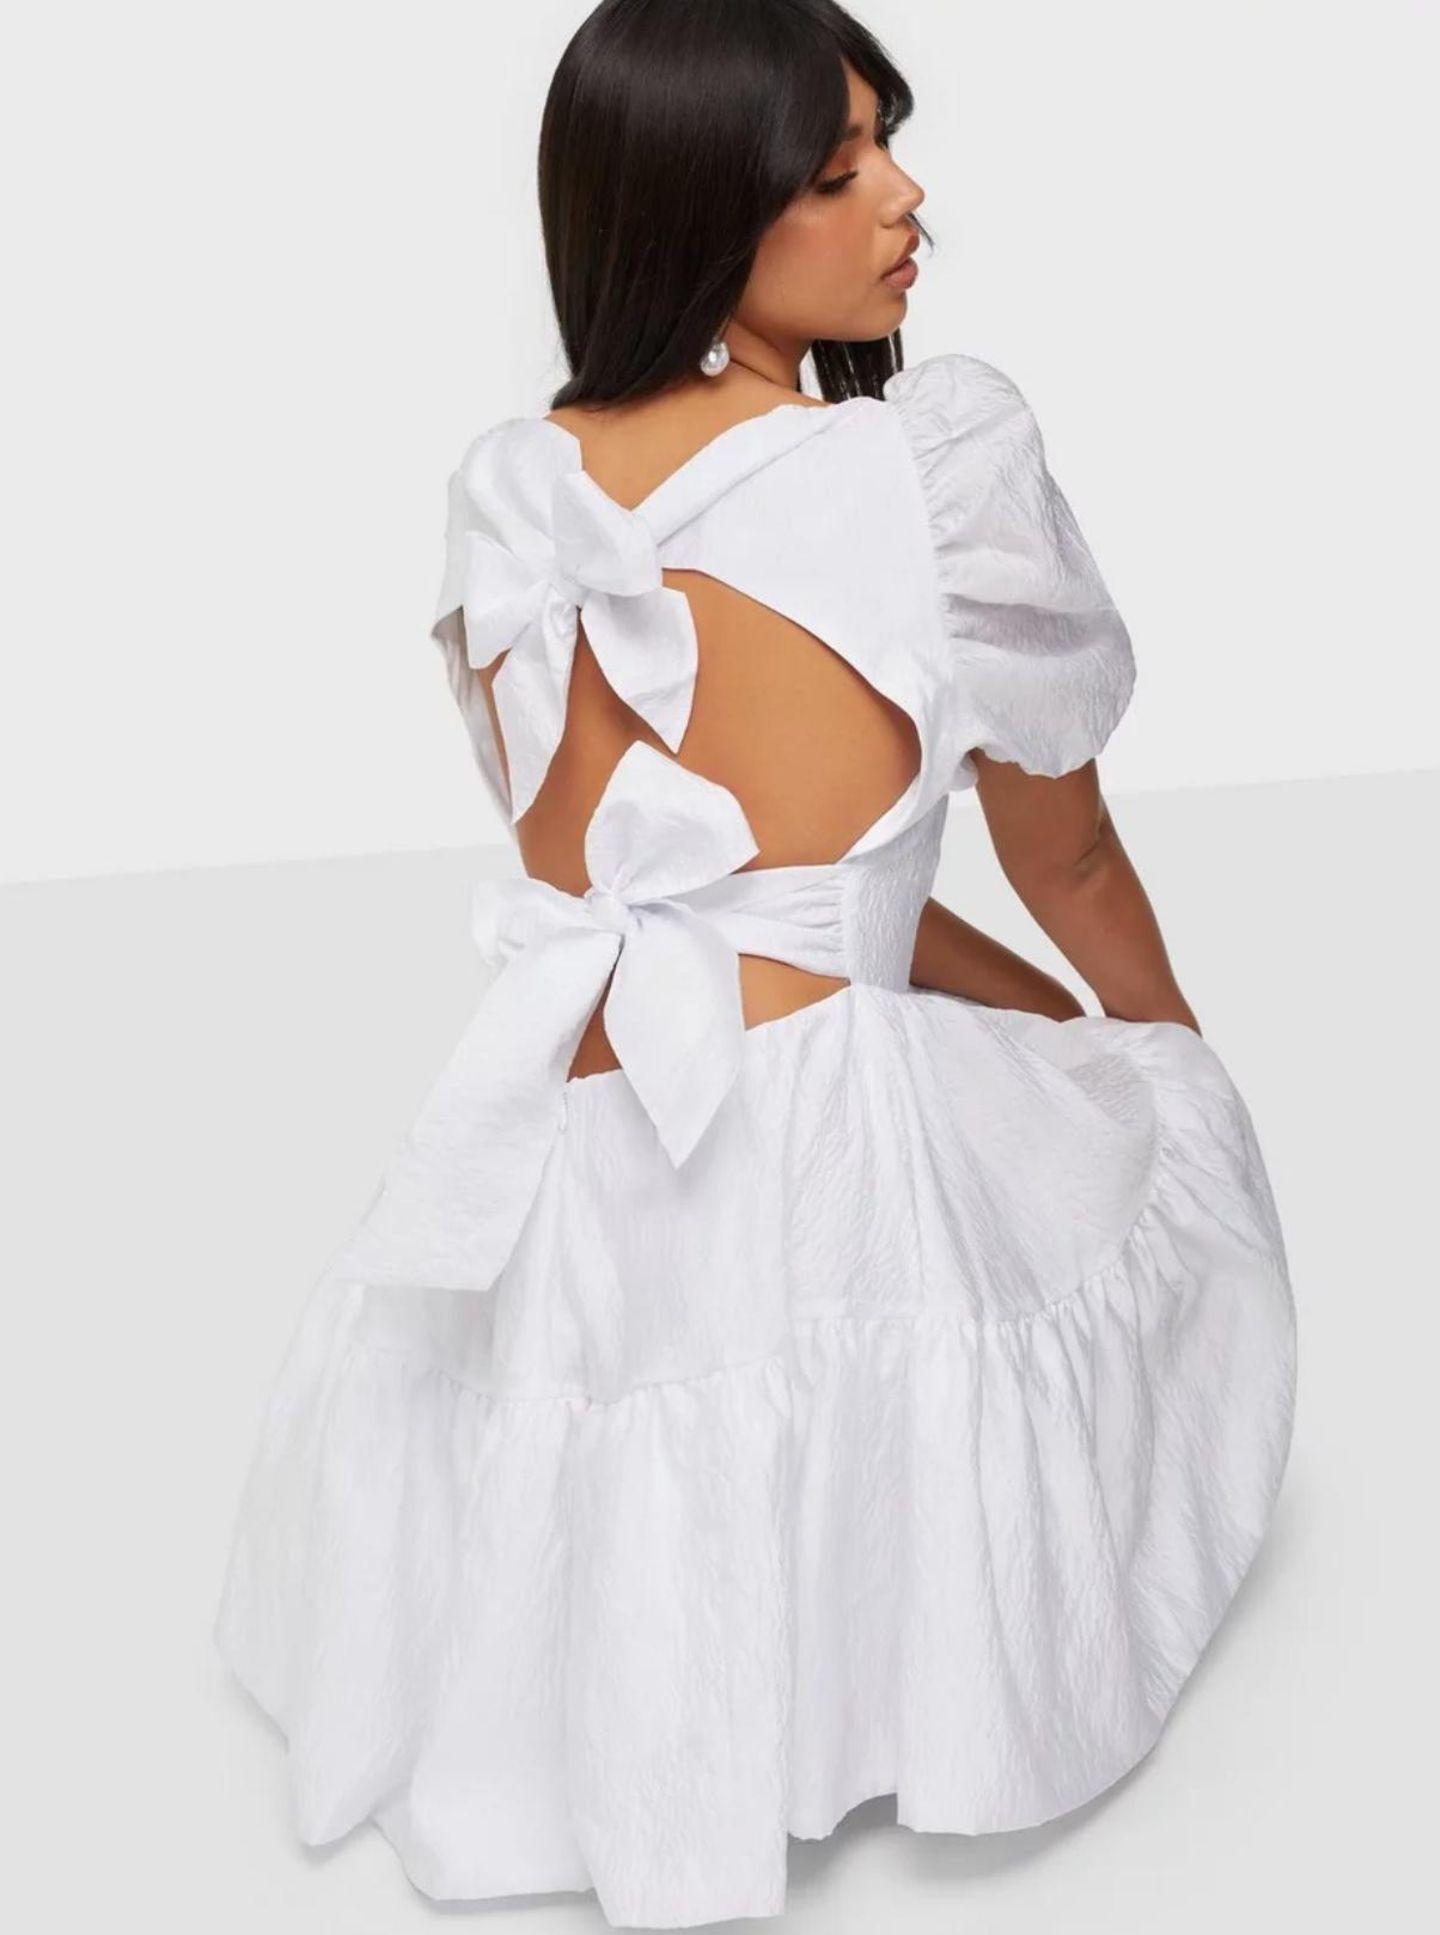 Ein Model kniet und präsentiert den Rückenausschnit ihres Kleides.